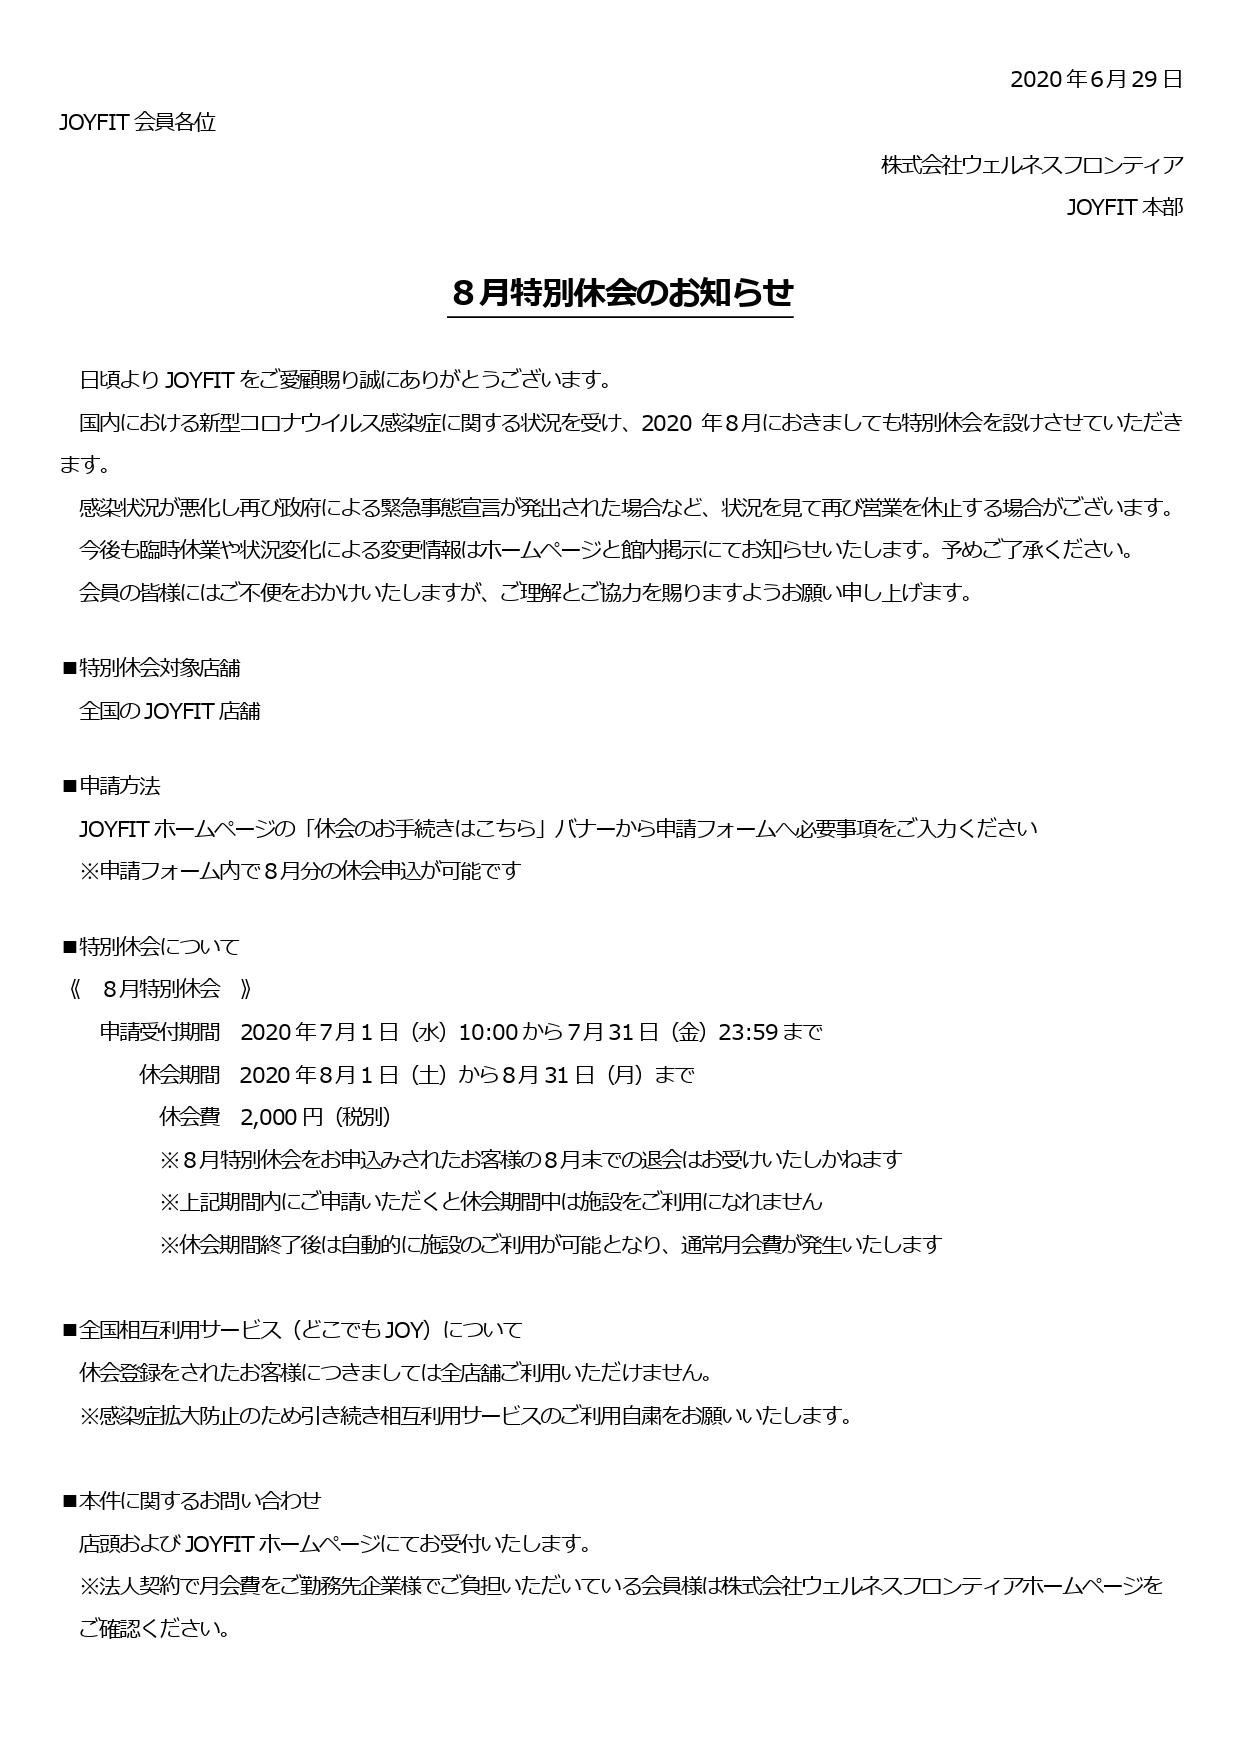 8月特別休会のお知らせ【JOYFIT】_page-0001